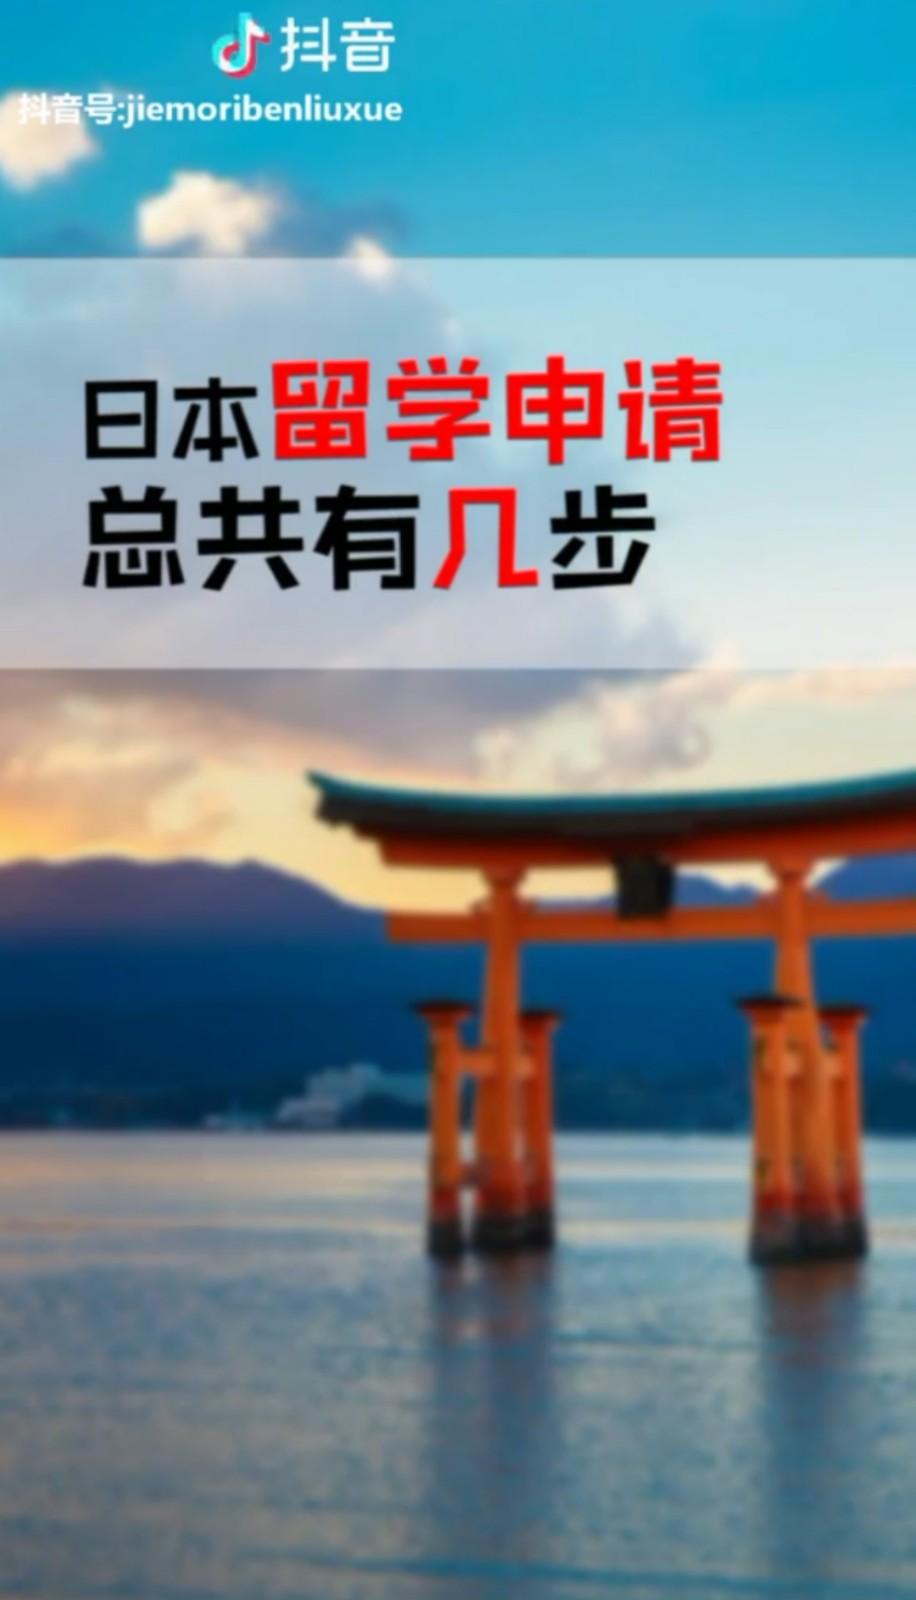 日本留学申请总共有几步?